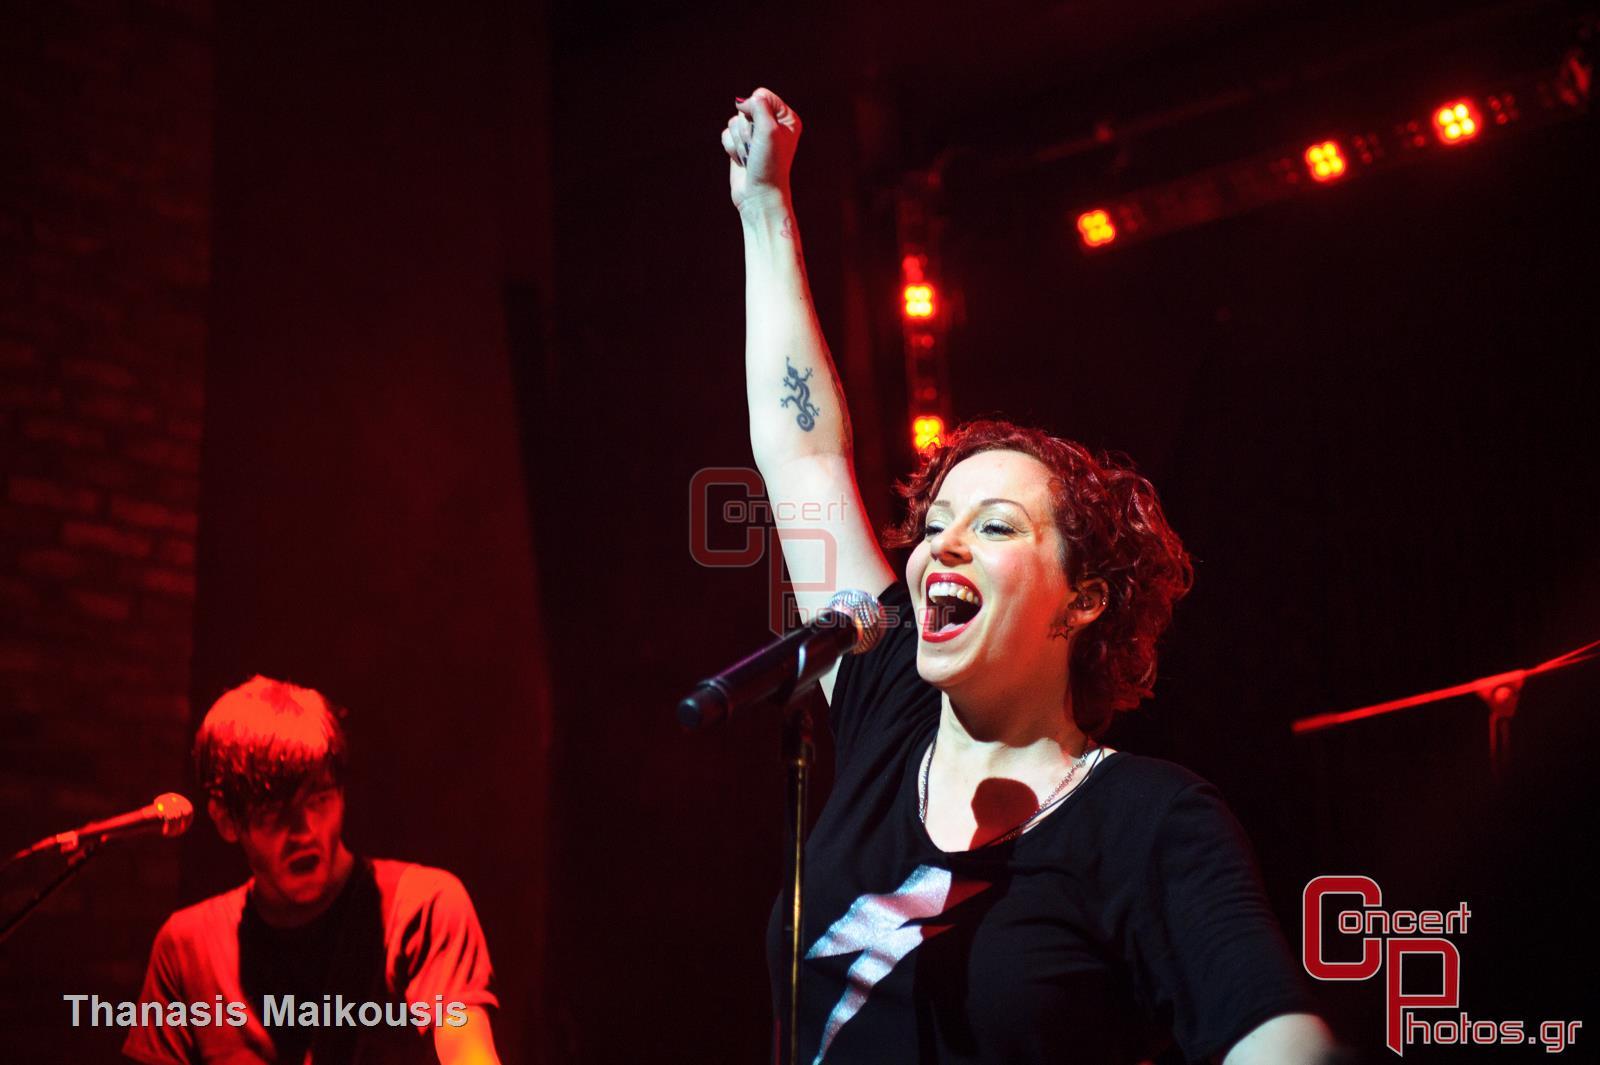 Anneke van Giersbergen-Anneke van Giersbergen photographer: Thanasis Maikousis - ConcertPhotos-0443